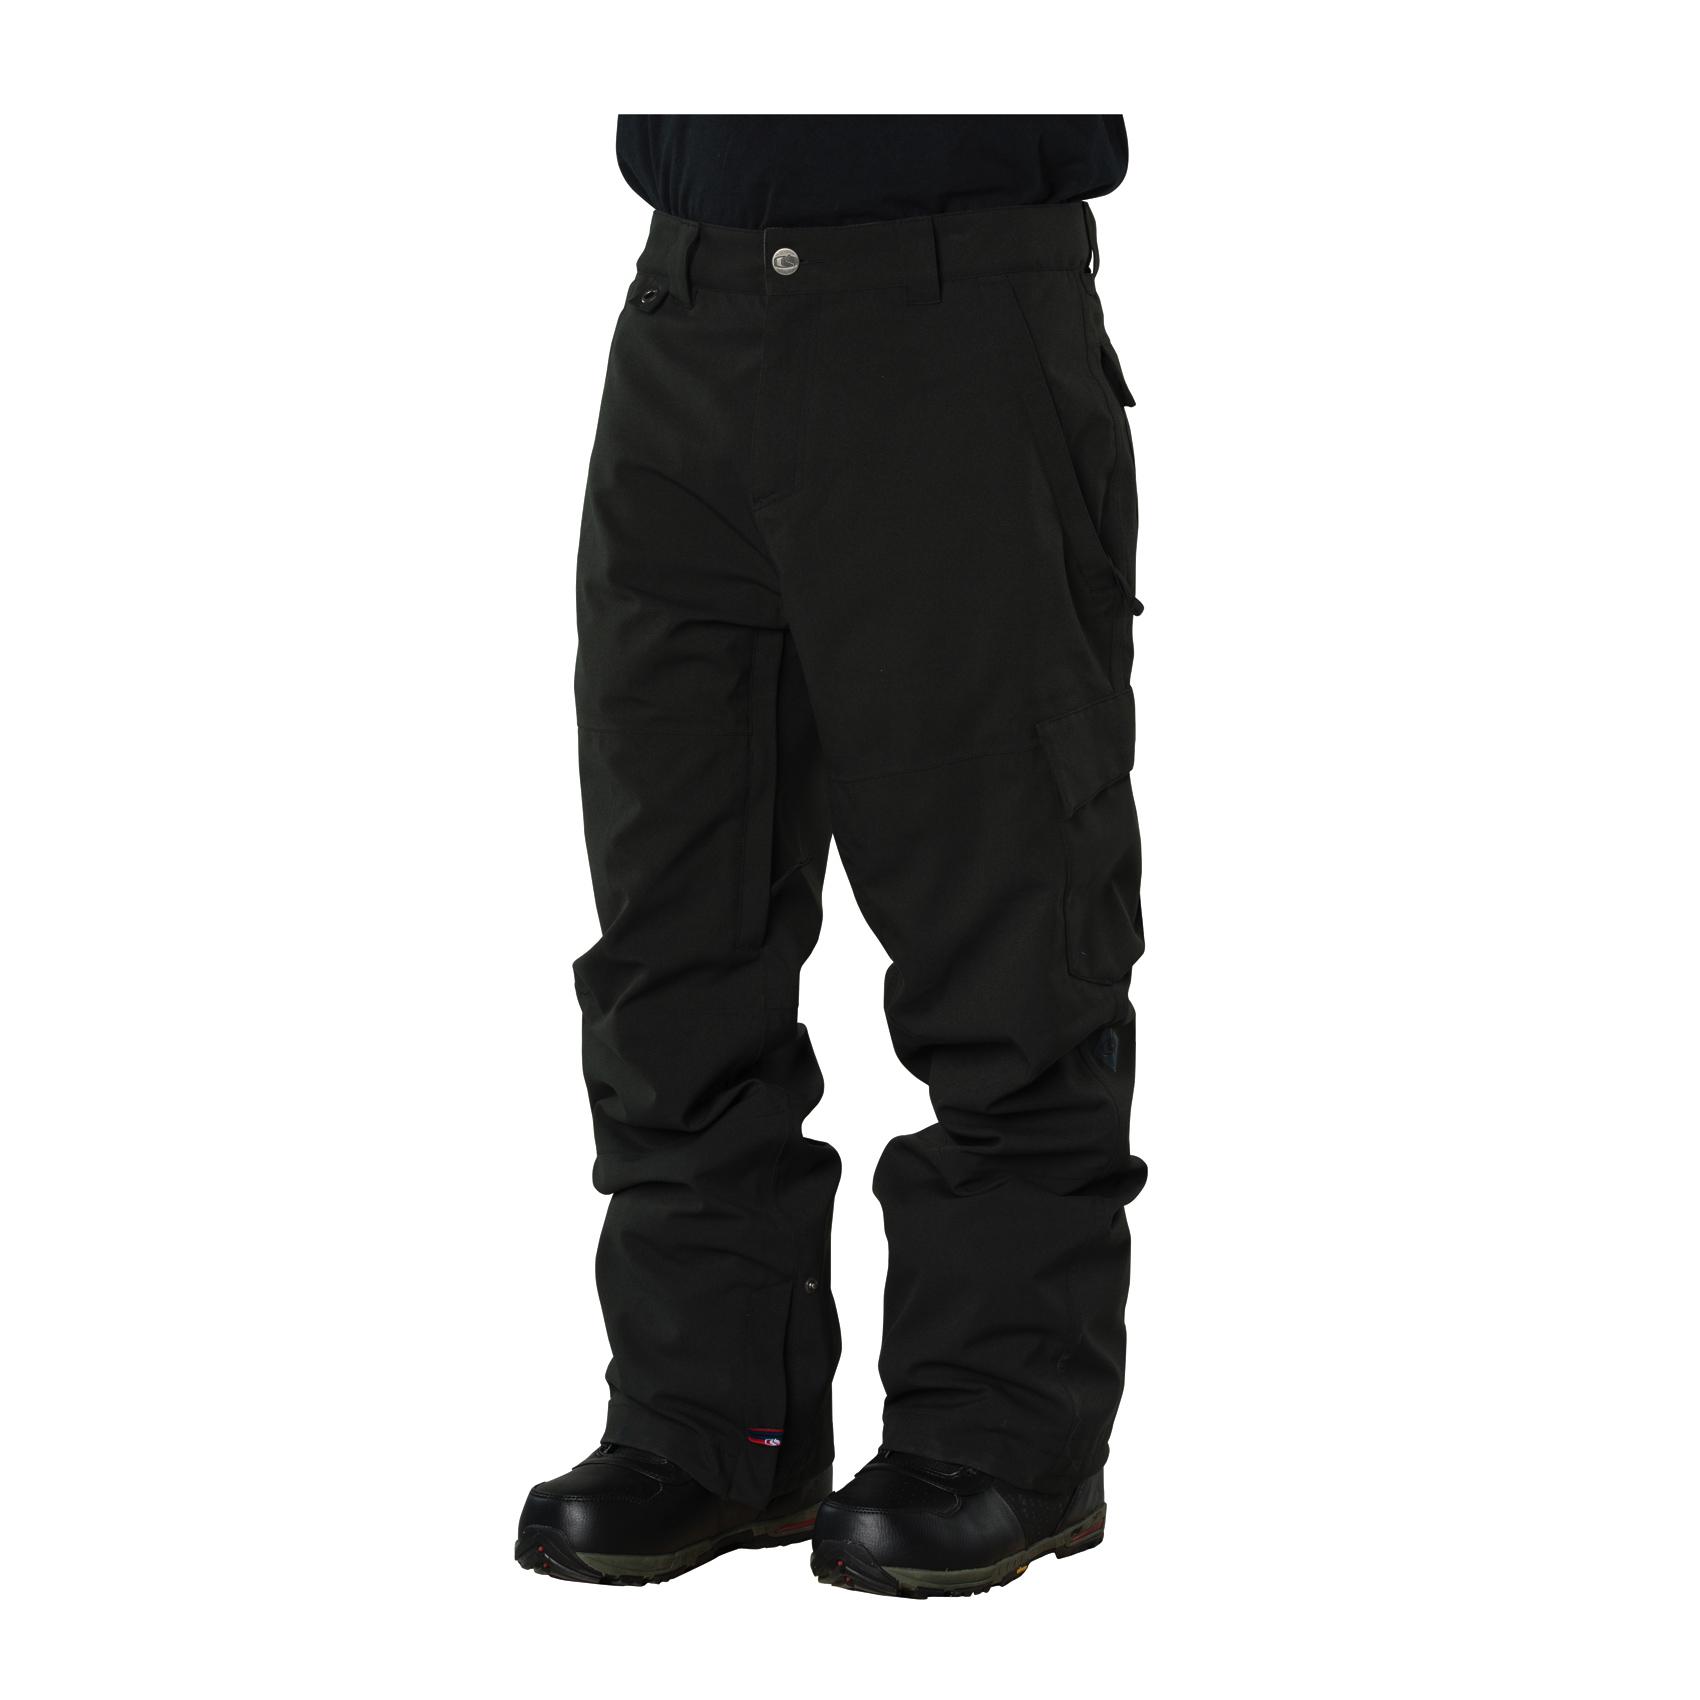 Bonfire Snowboarding Clothing Uk